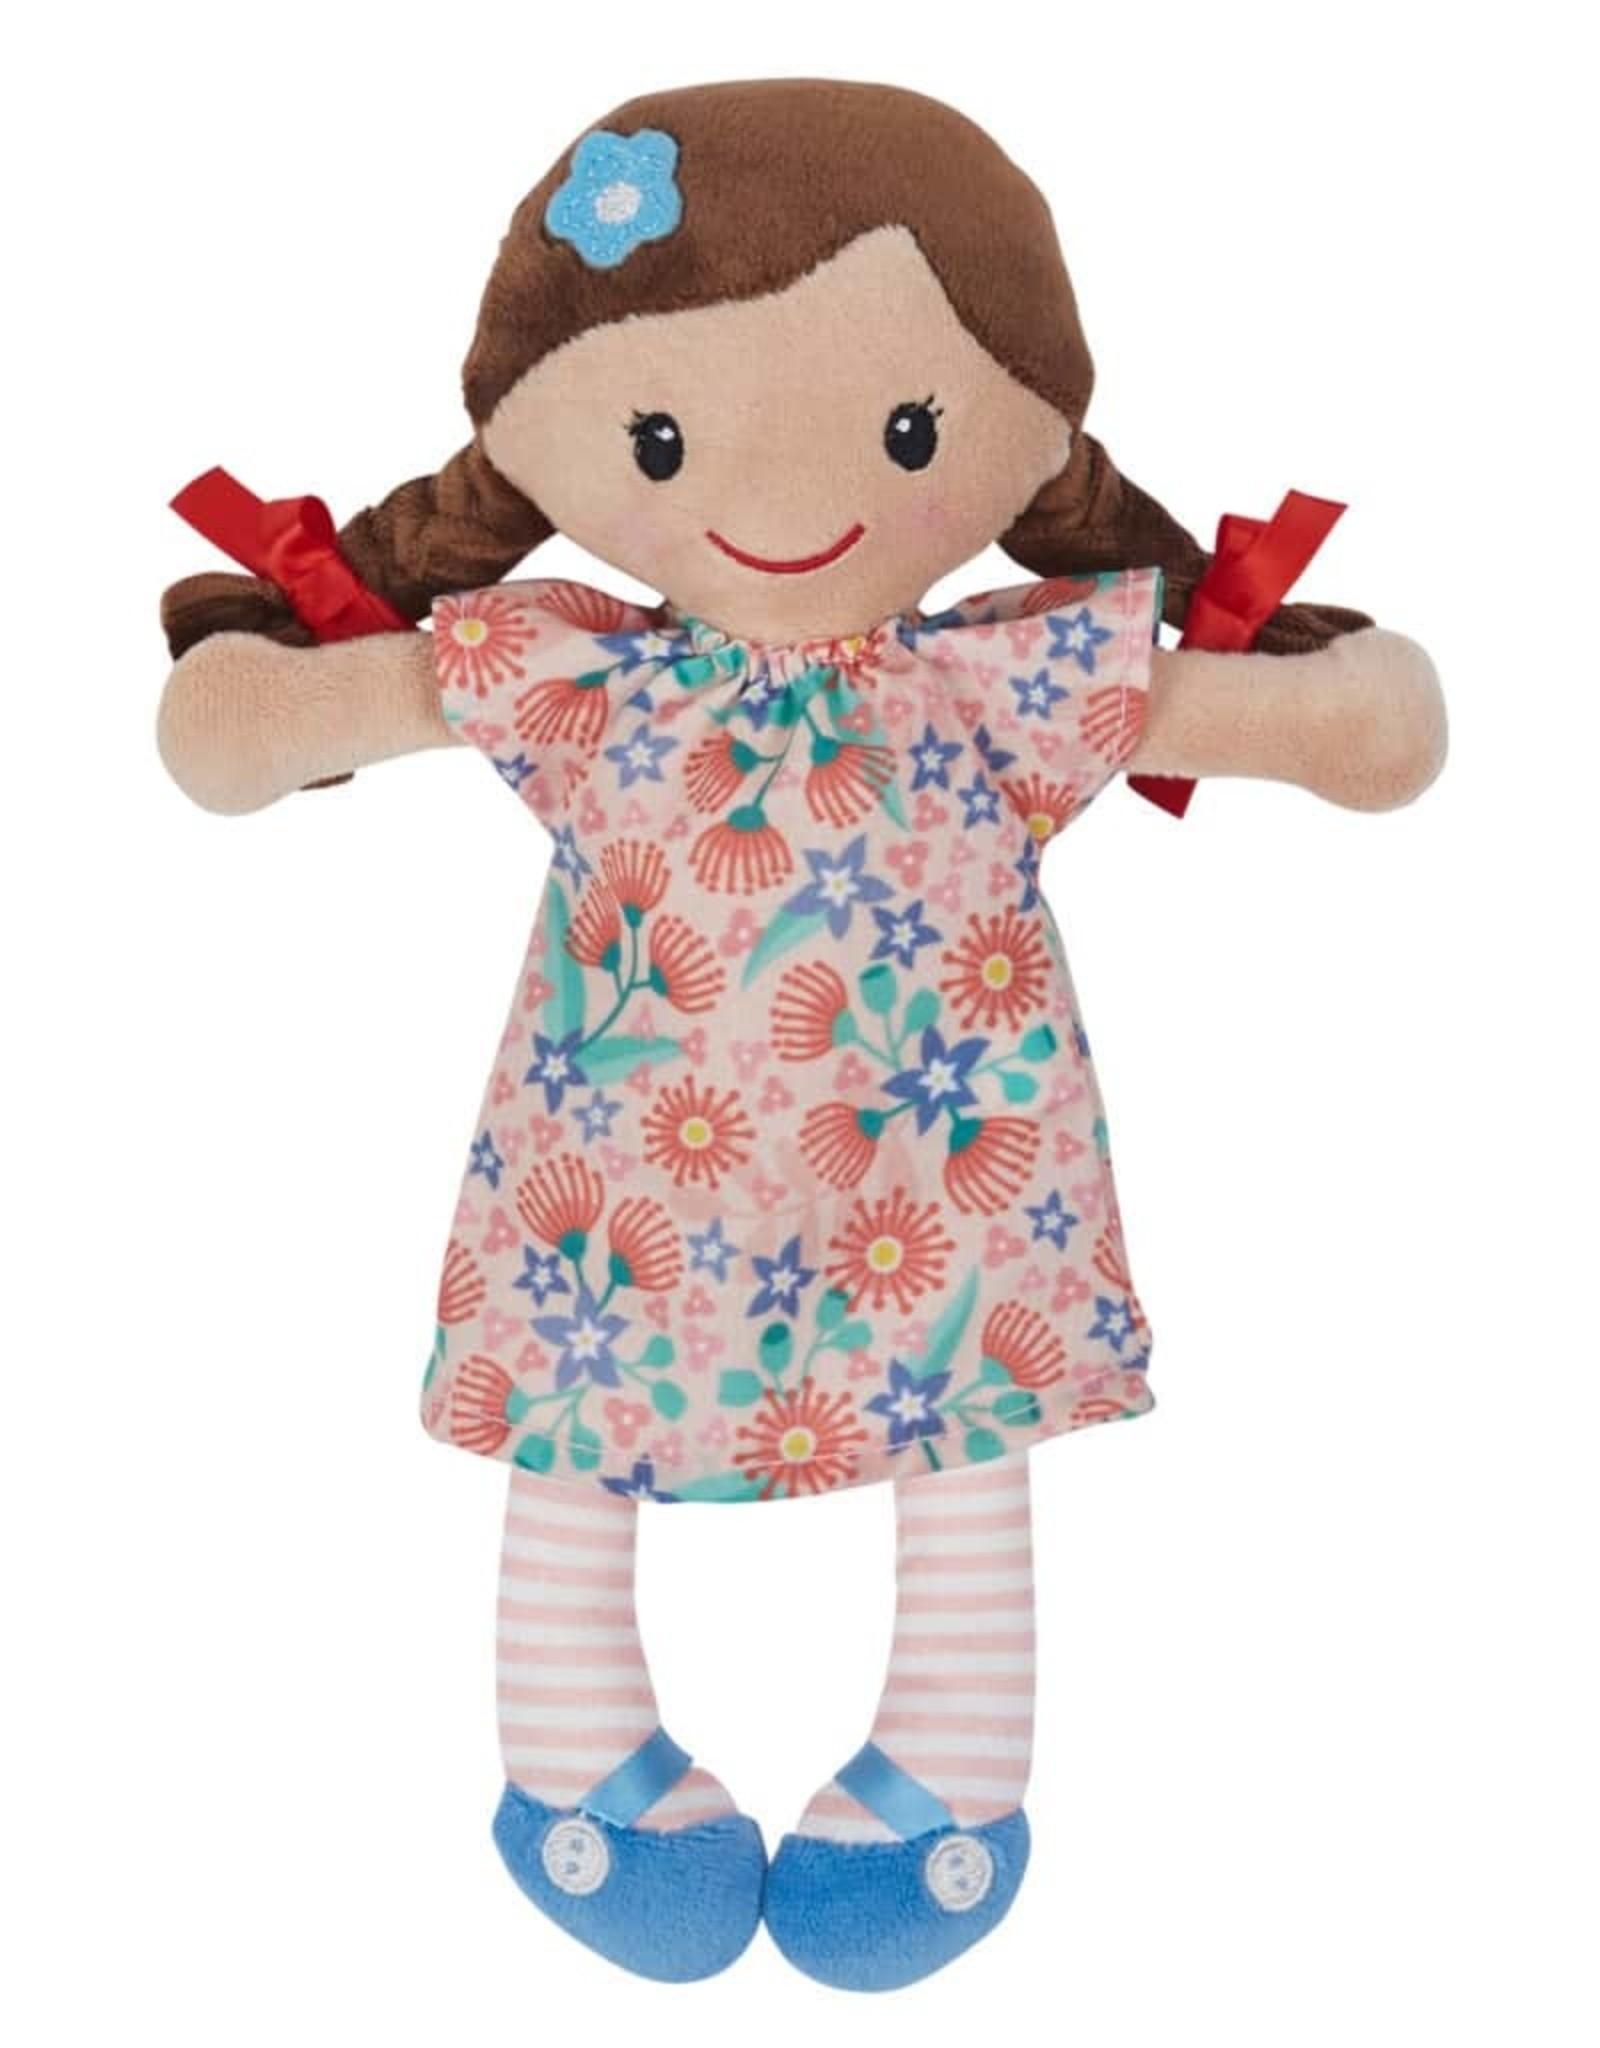 Schylling Rag Doll Mini Matilda